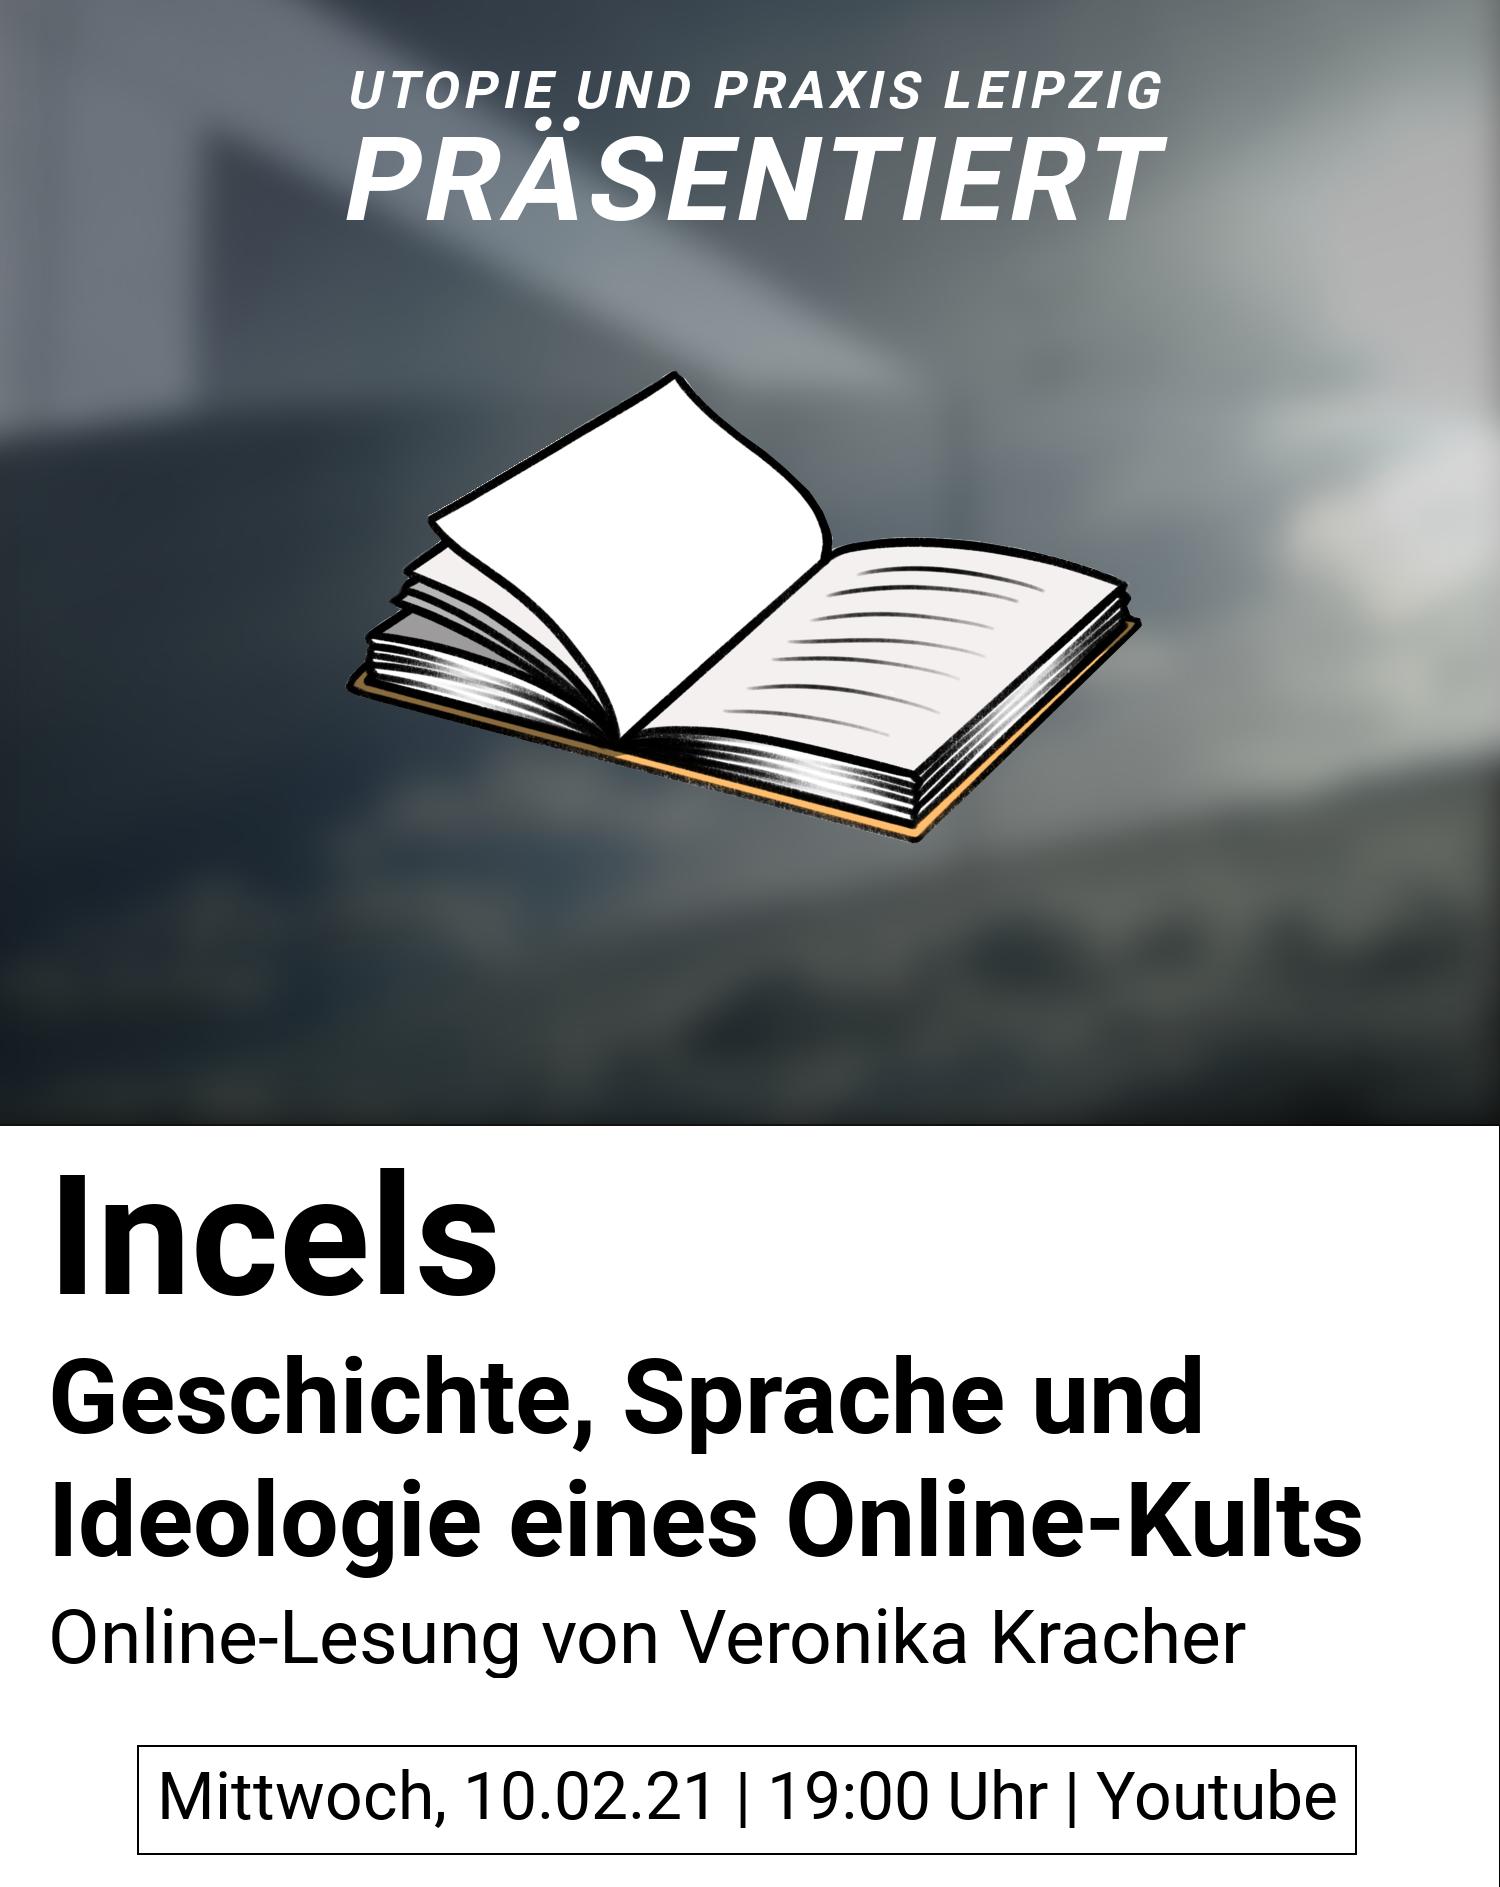 """Utopie und Leipzig präsentiert Lesung mit Veronika Kracher zu ihrem Buch: """"Incels: Geschichte, Sprache und Ideologie eines Online - Kults"""" am 10.02.2021, 19Uhr auf Youtube"""